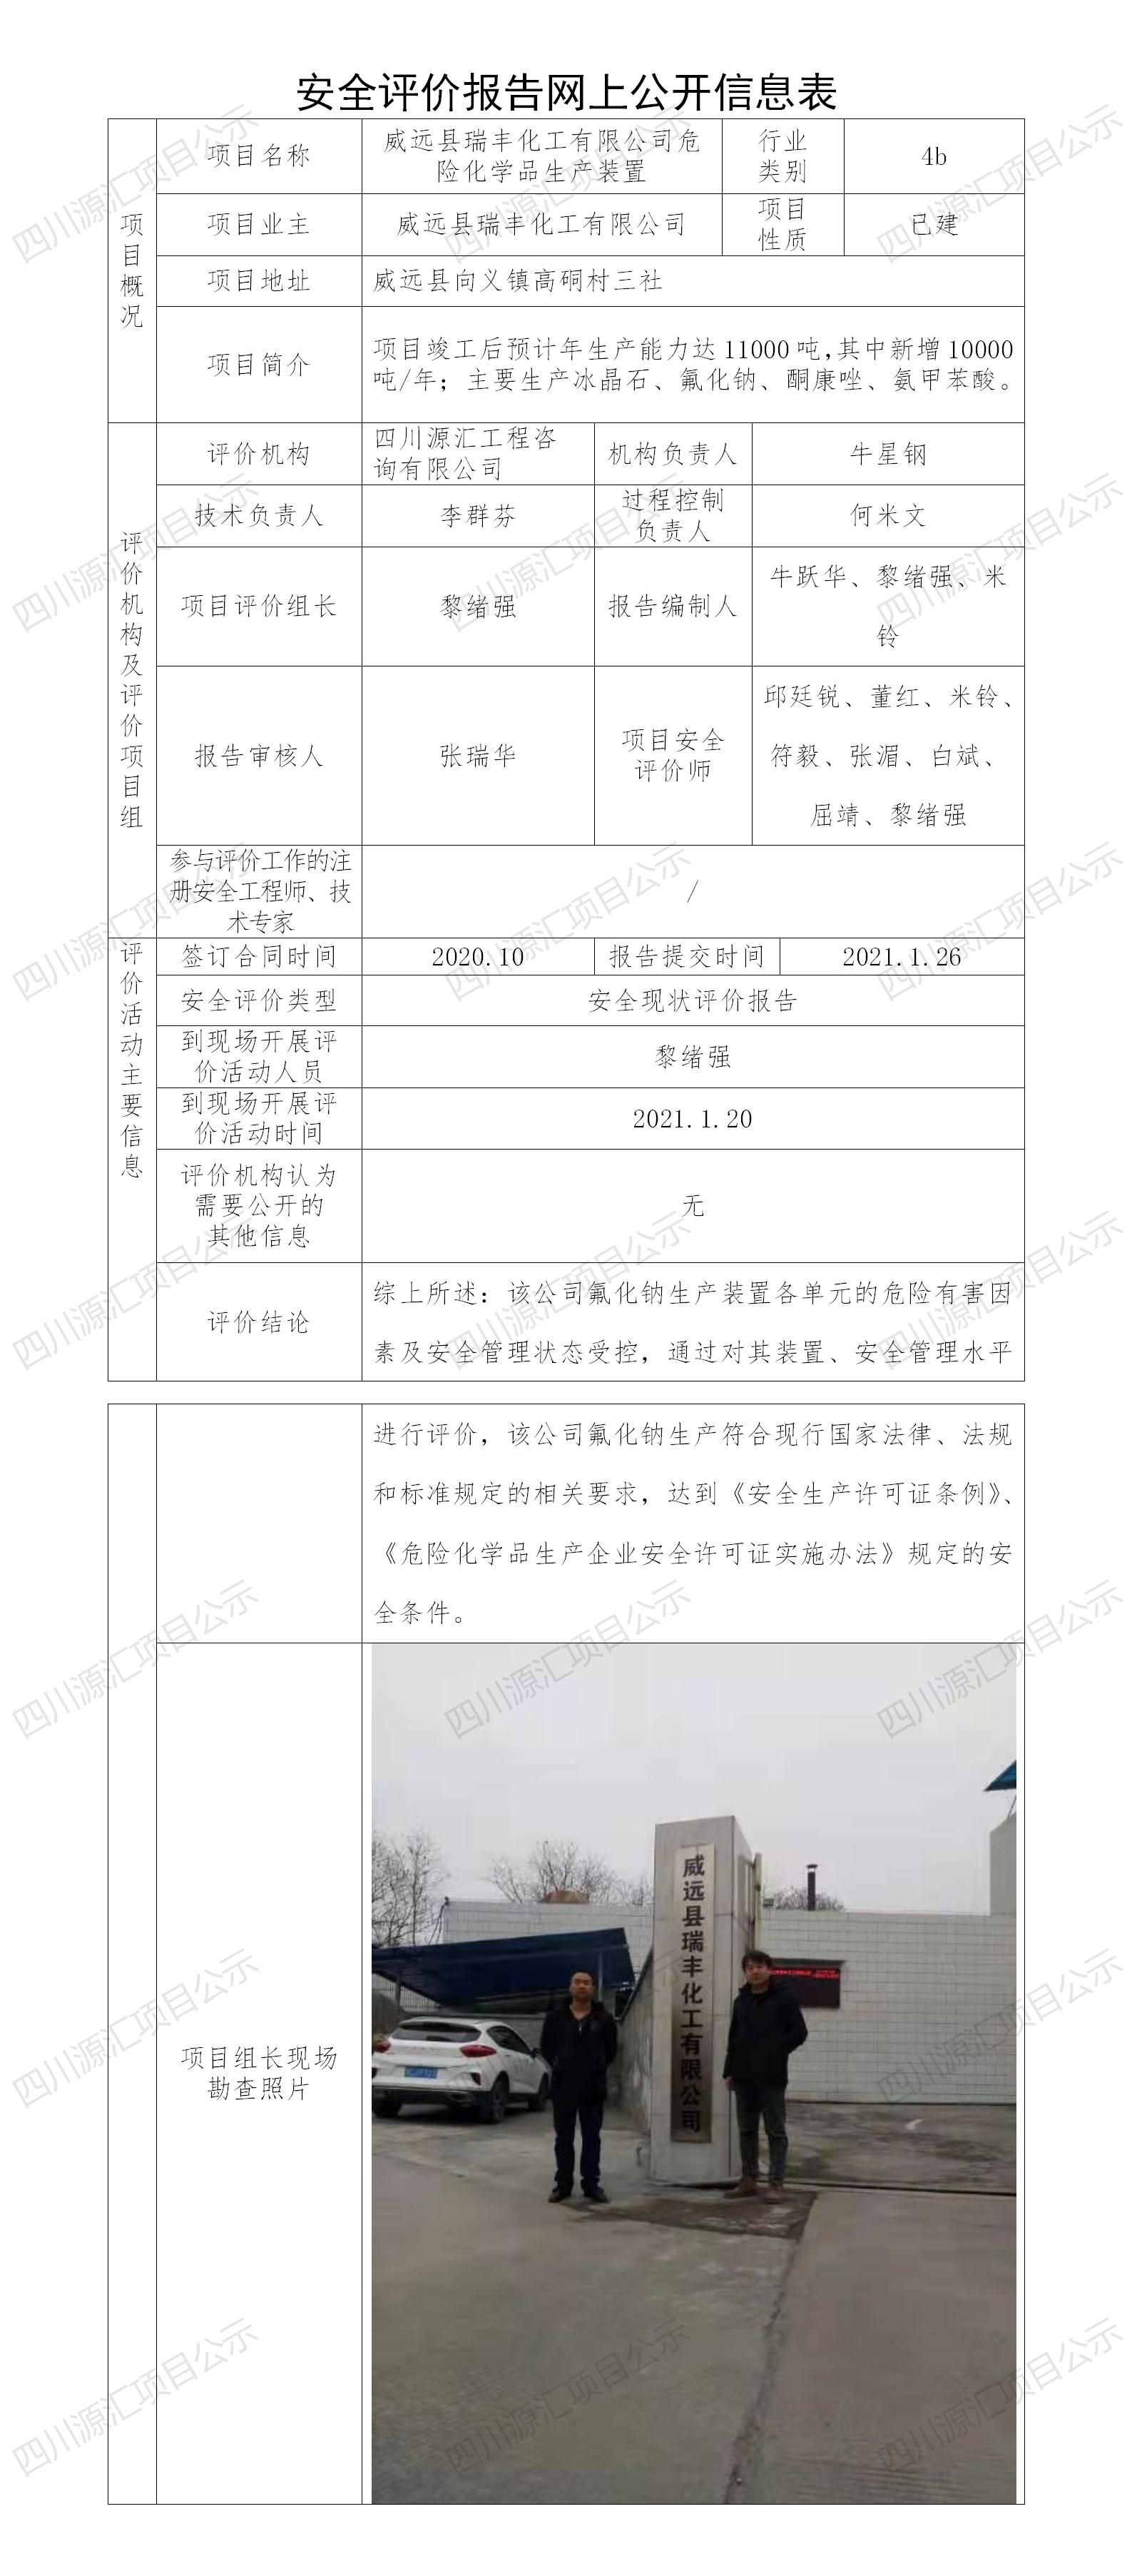 威远县瑞丰化工有限公司危险化学品生产装置.png